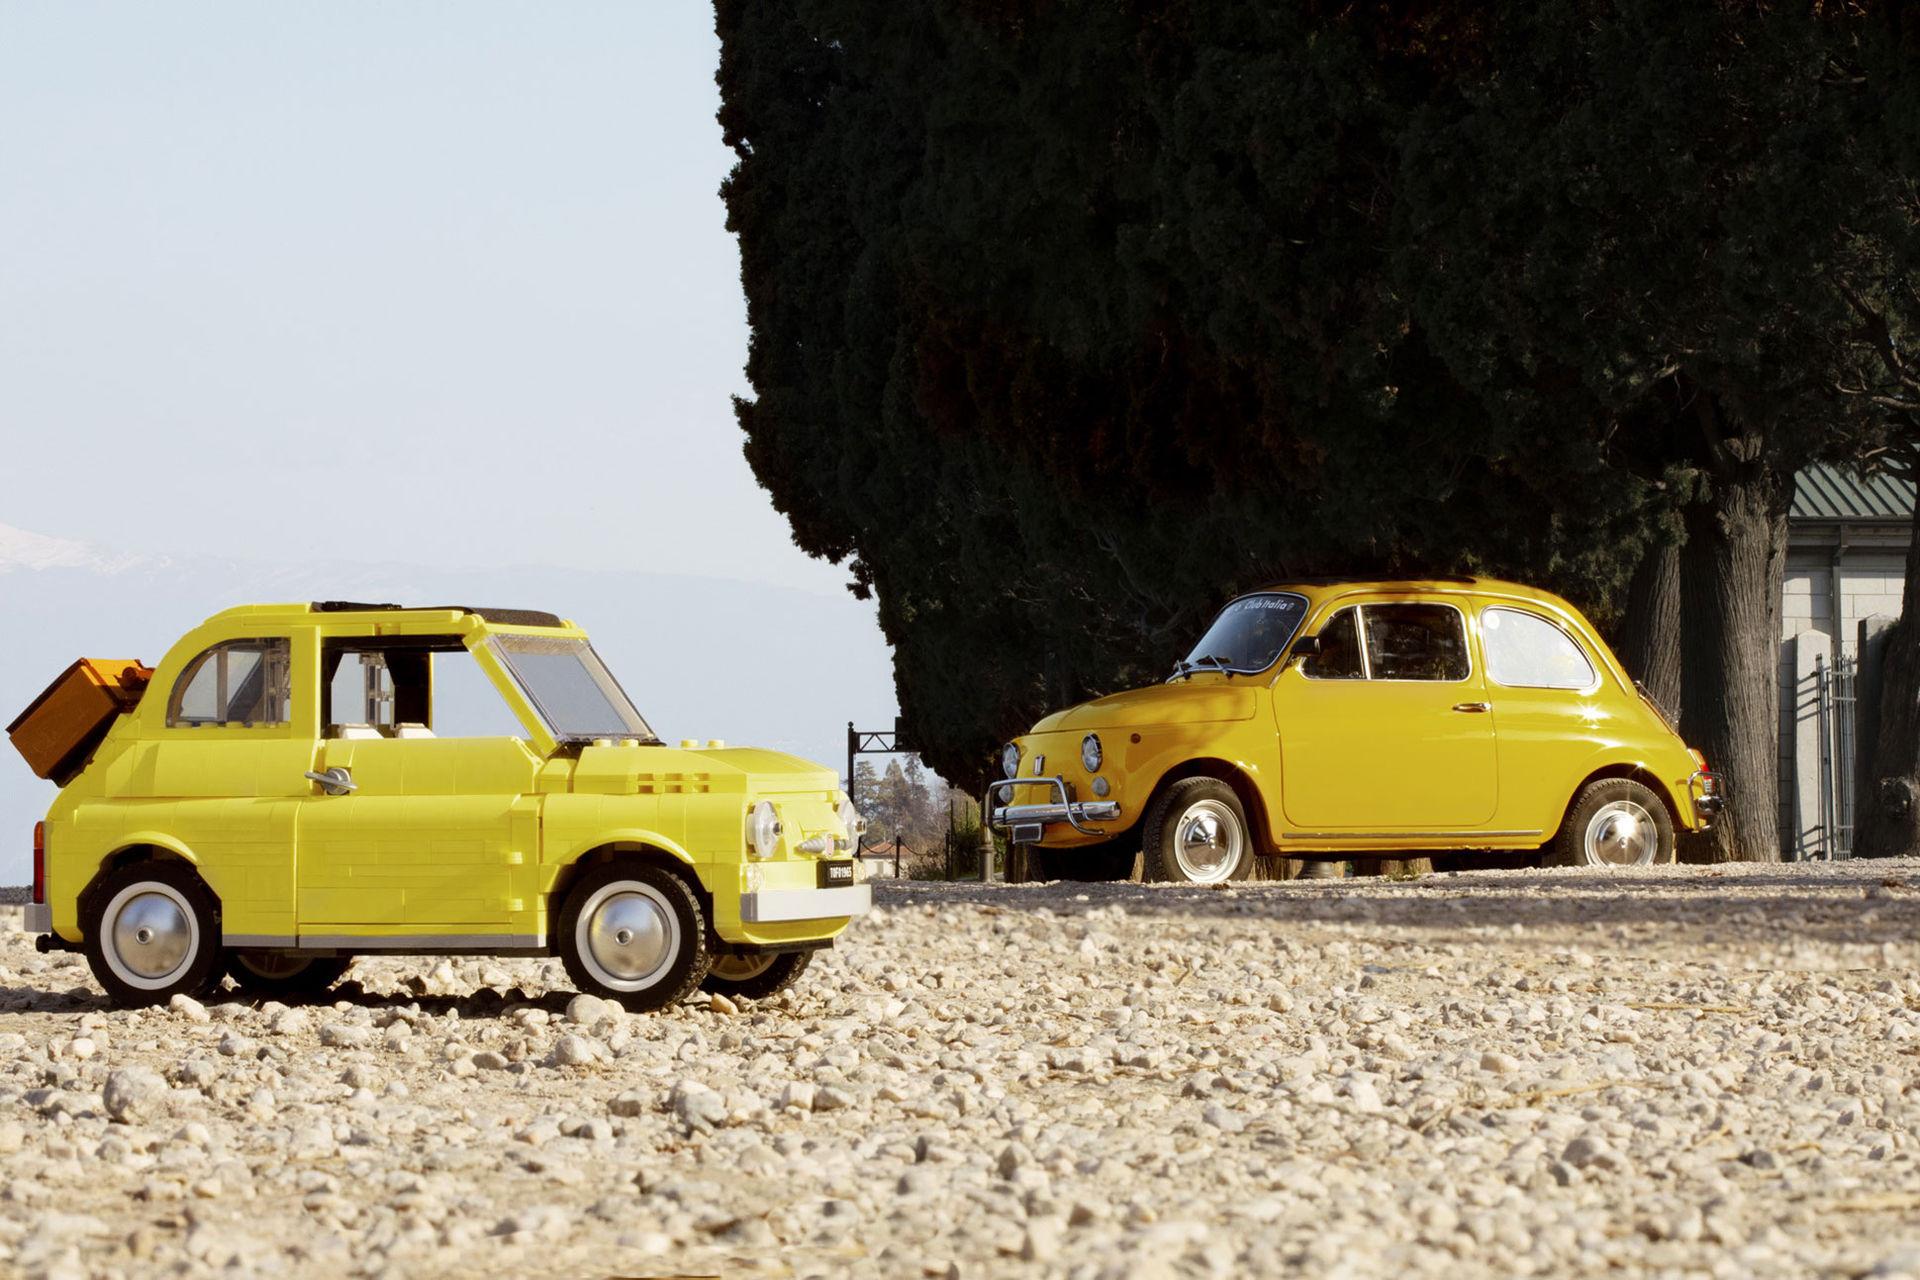 Lego har tagit fram en klassisk Fiat 500